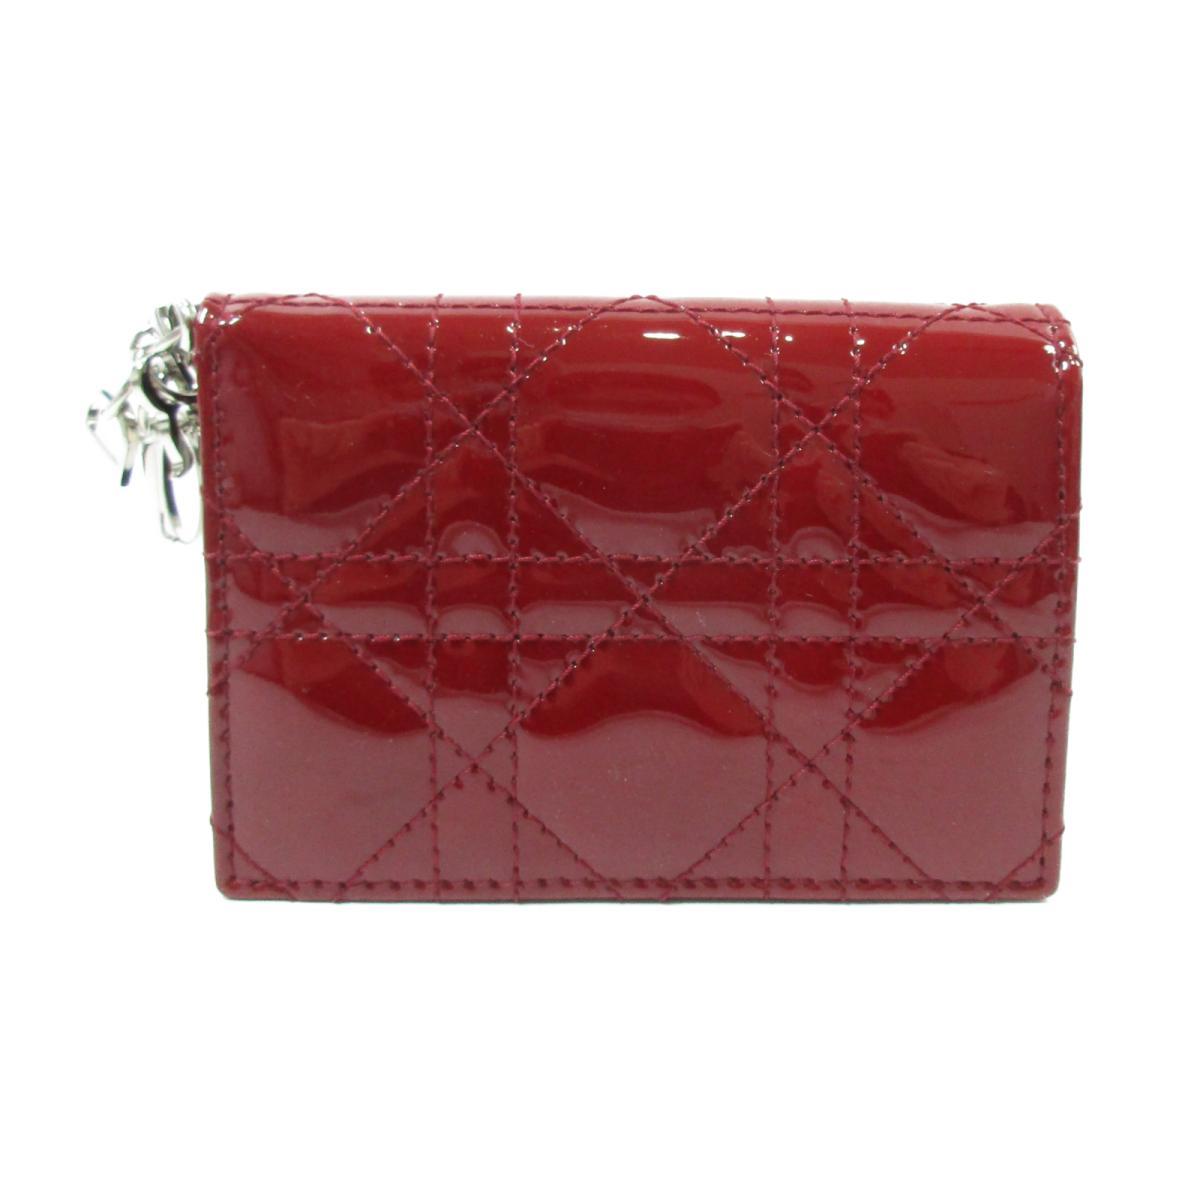 財布・ケース, 定期入れ・パスケース  x ( Dior BRANDOFF